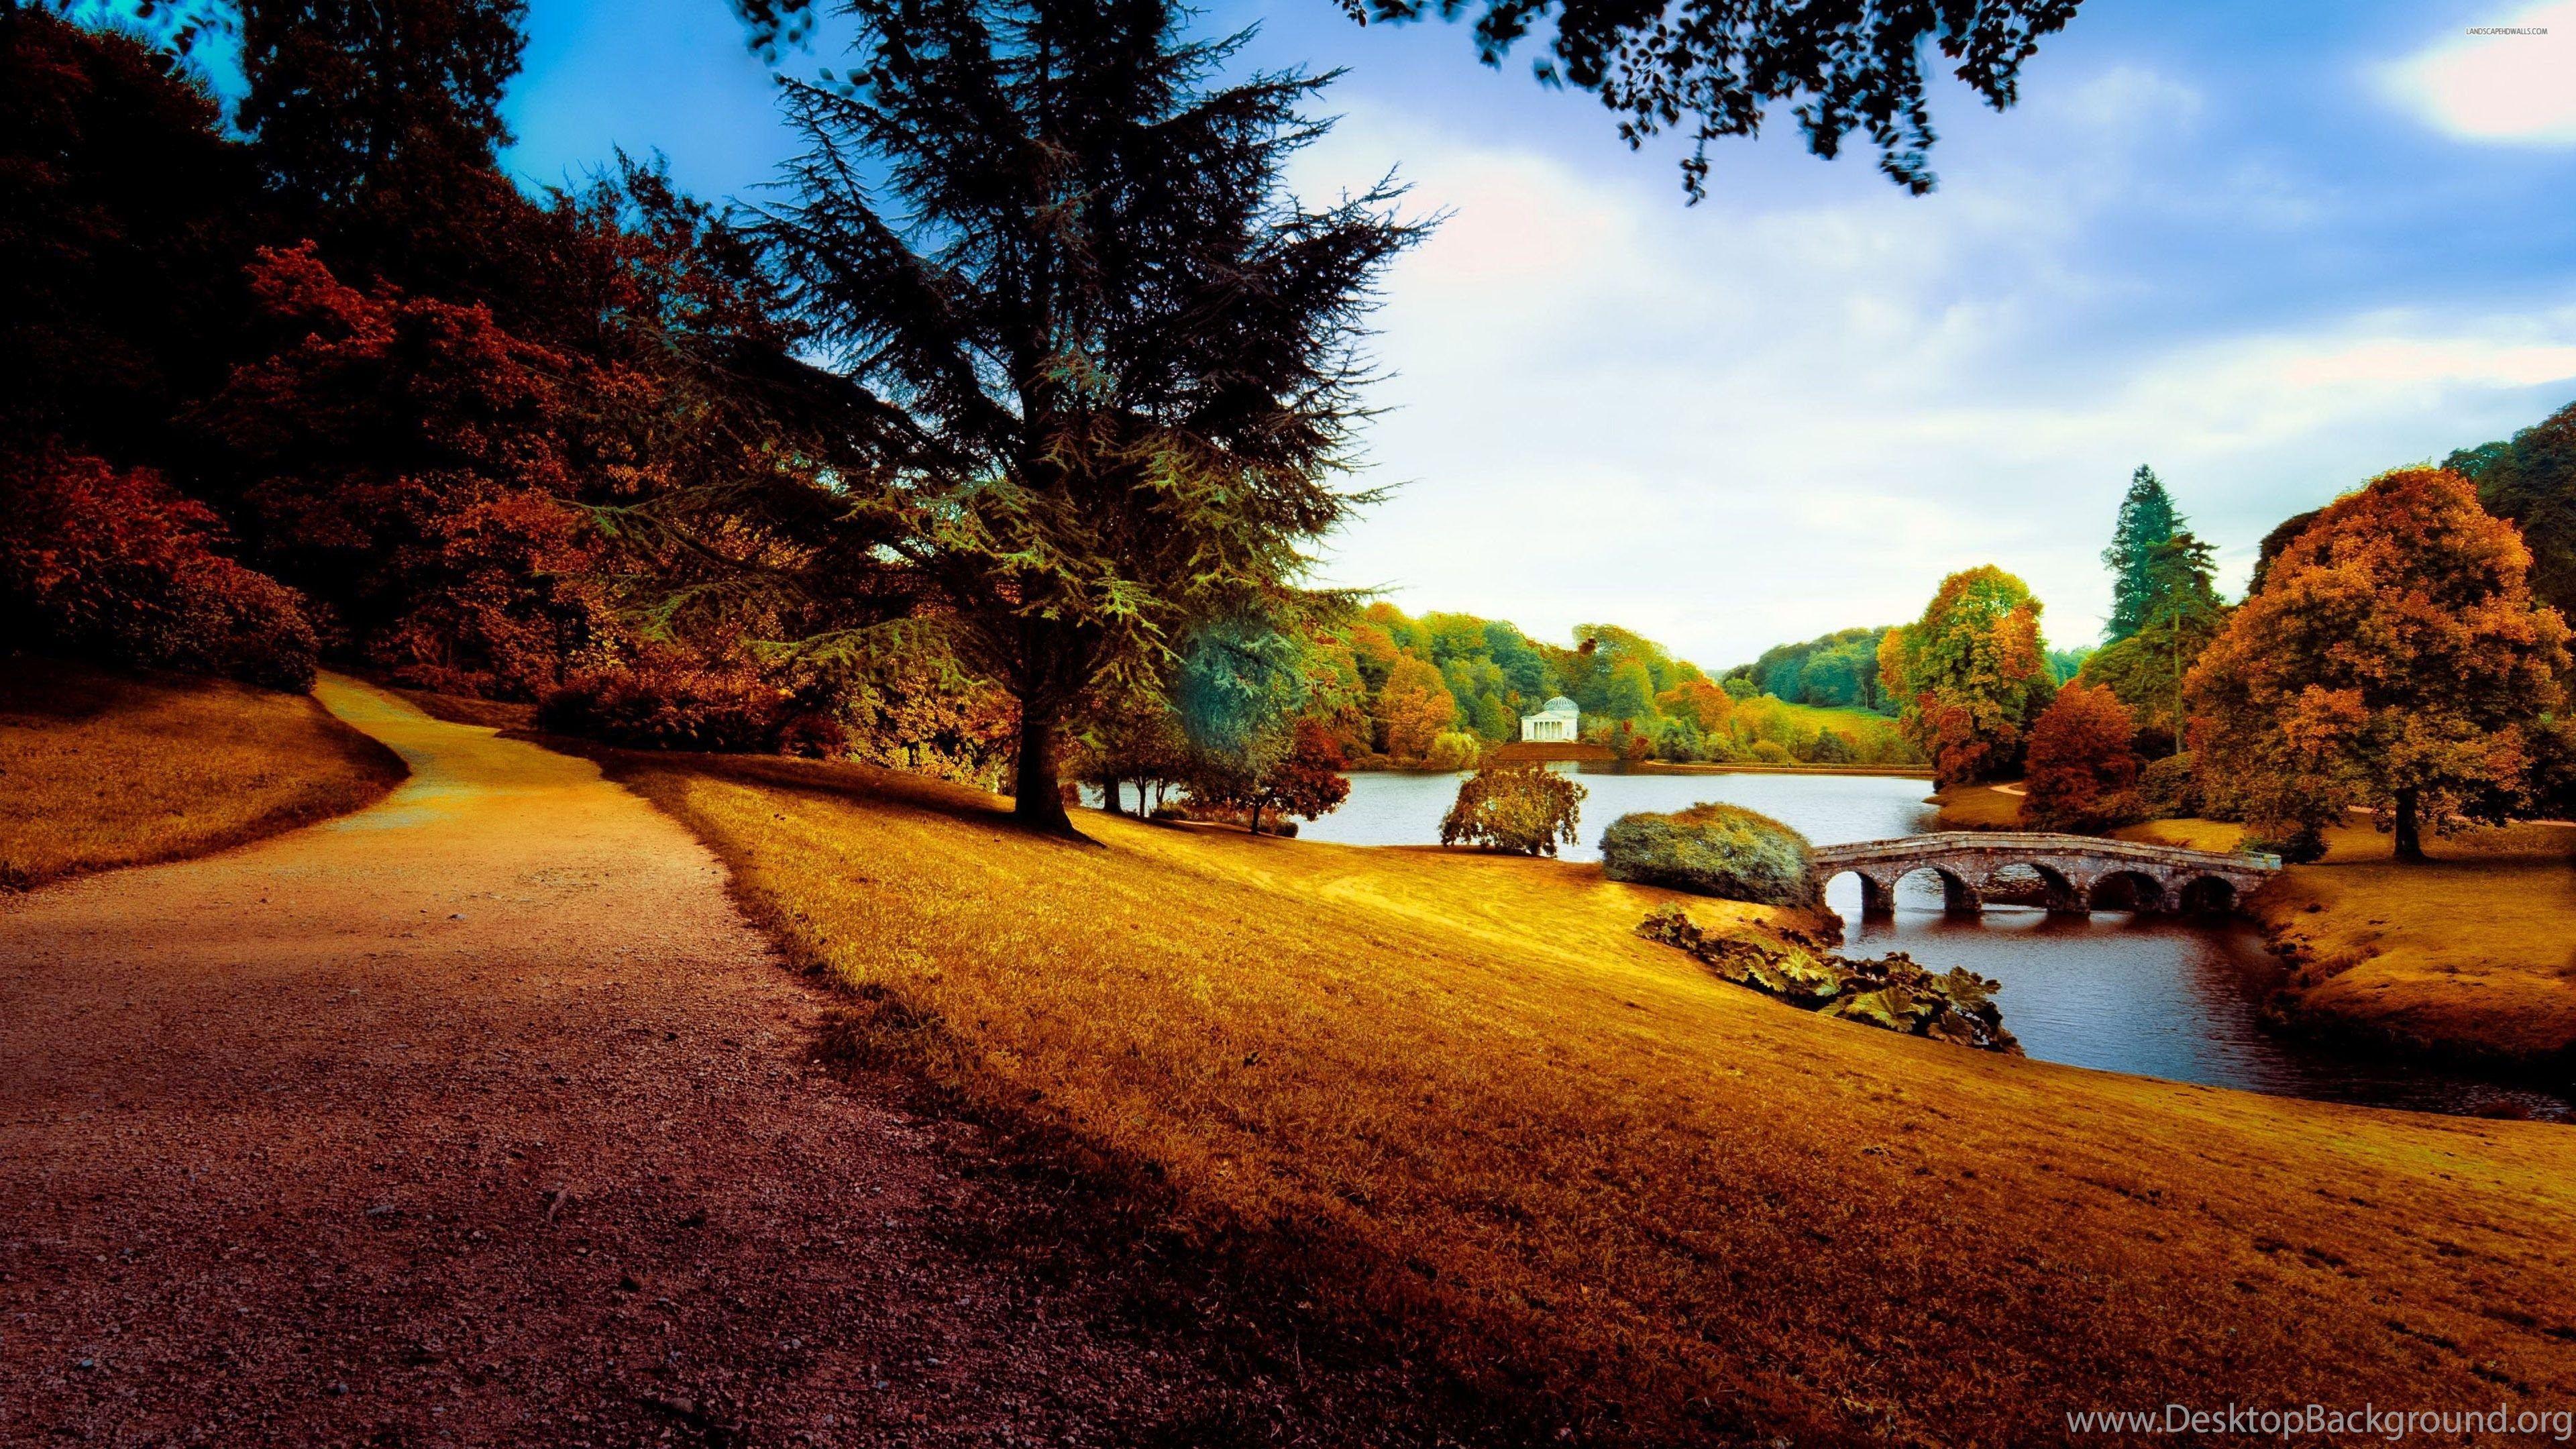 16k Ultra Hd Landscape Wallpapers Top Free 16k Ultra Hd Landscape